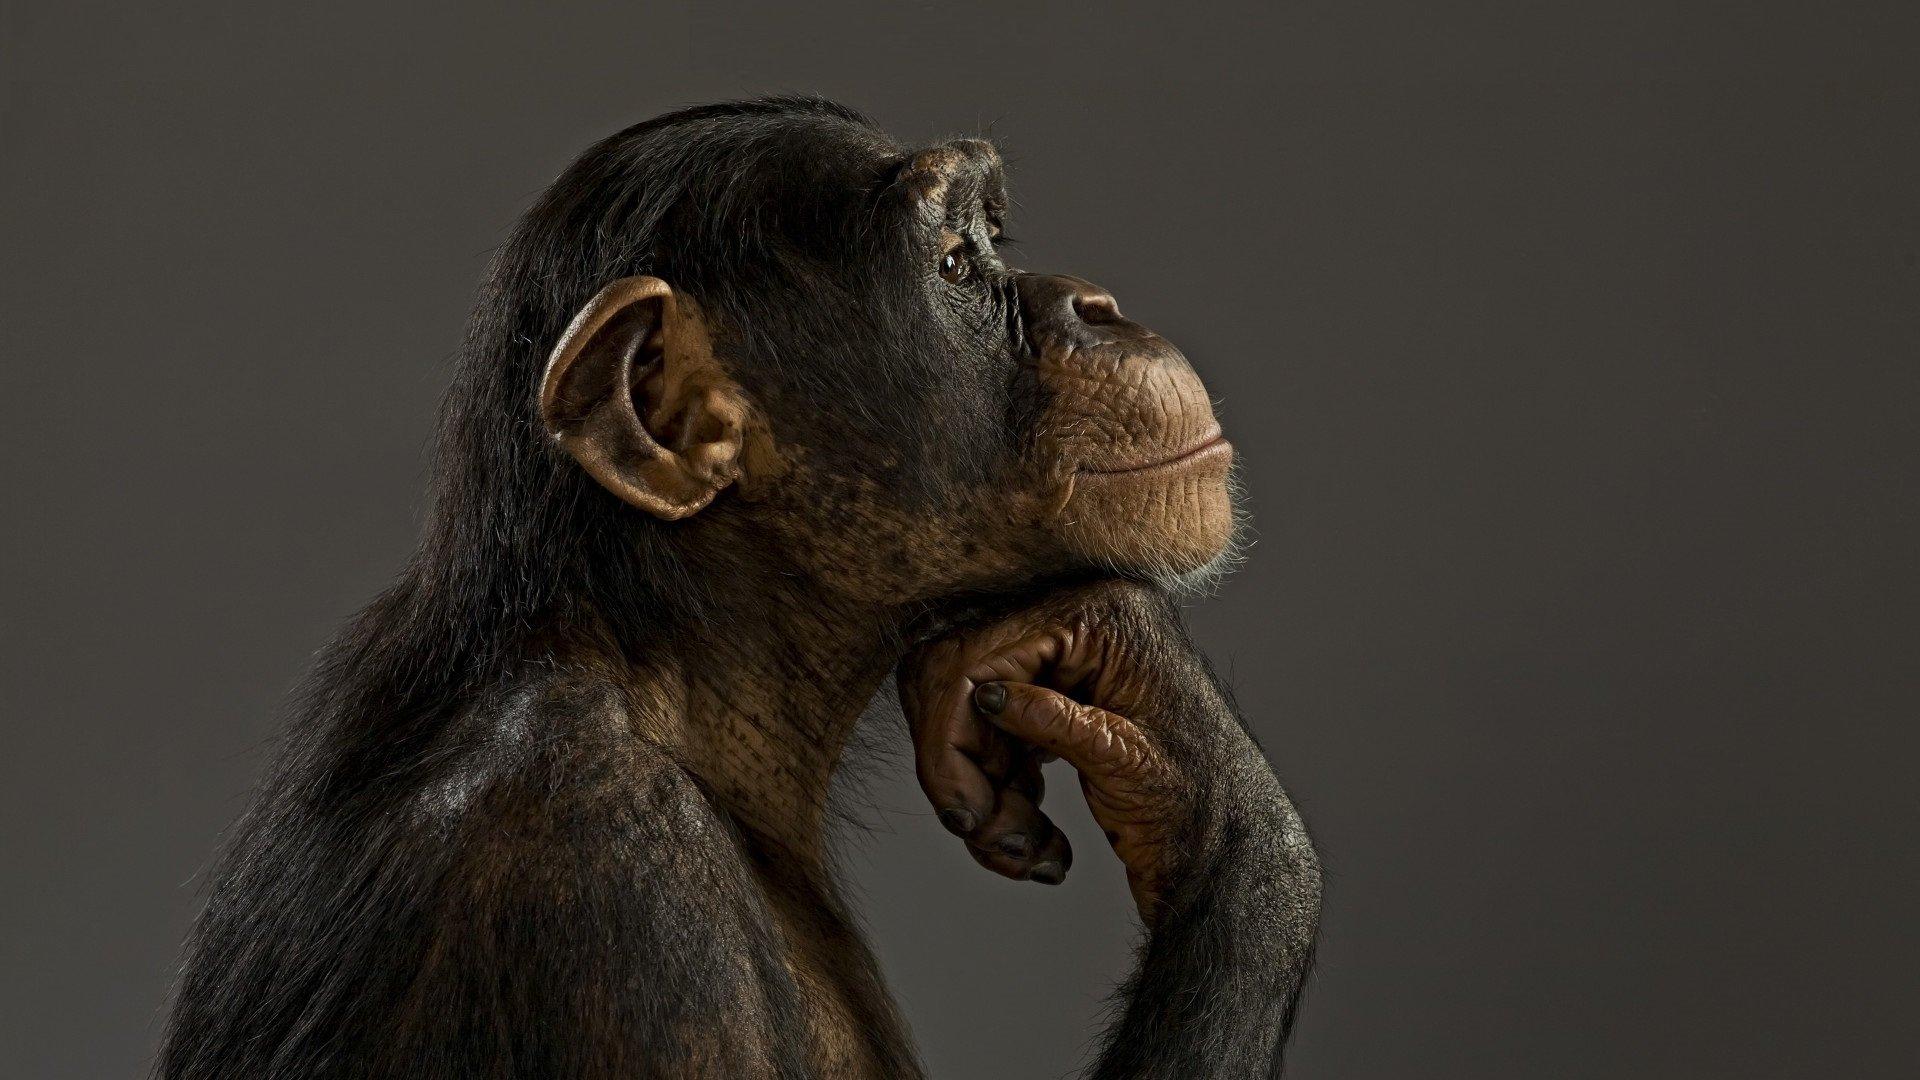 обезьяны на столе картинка это